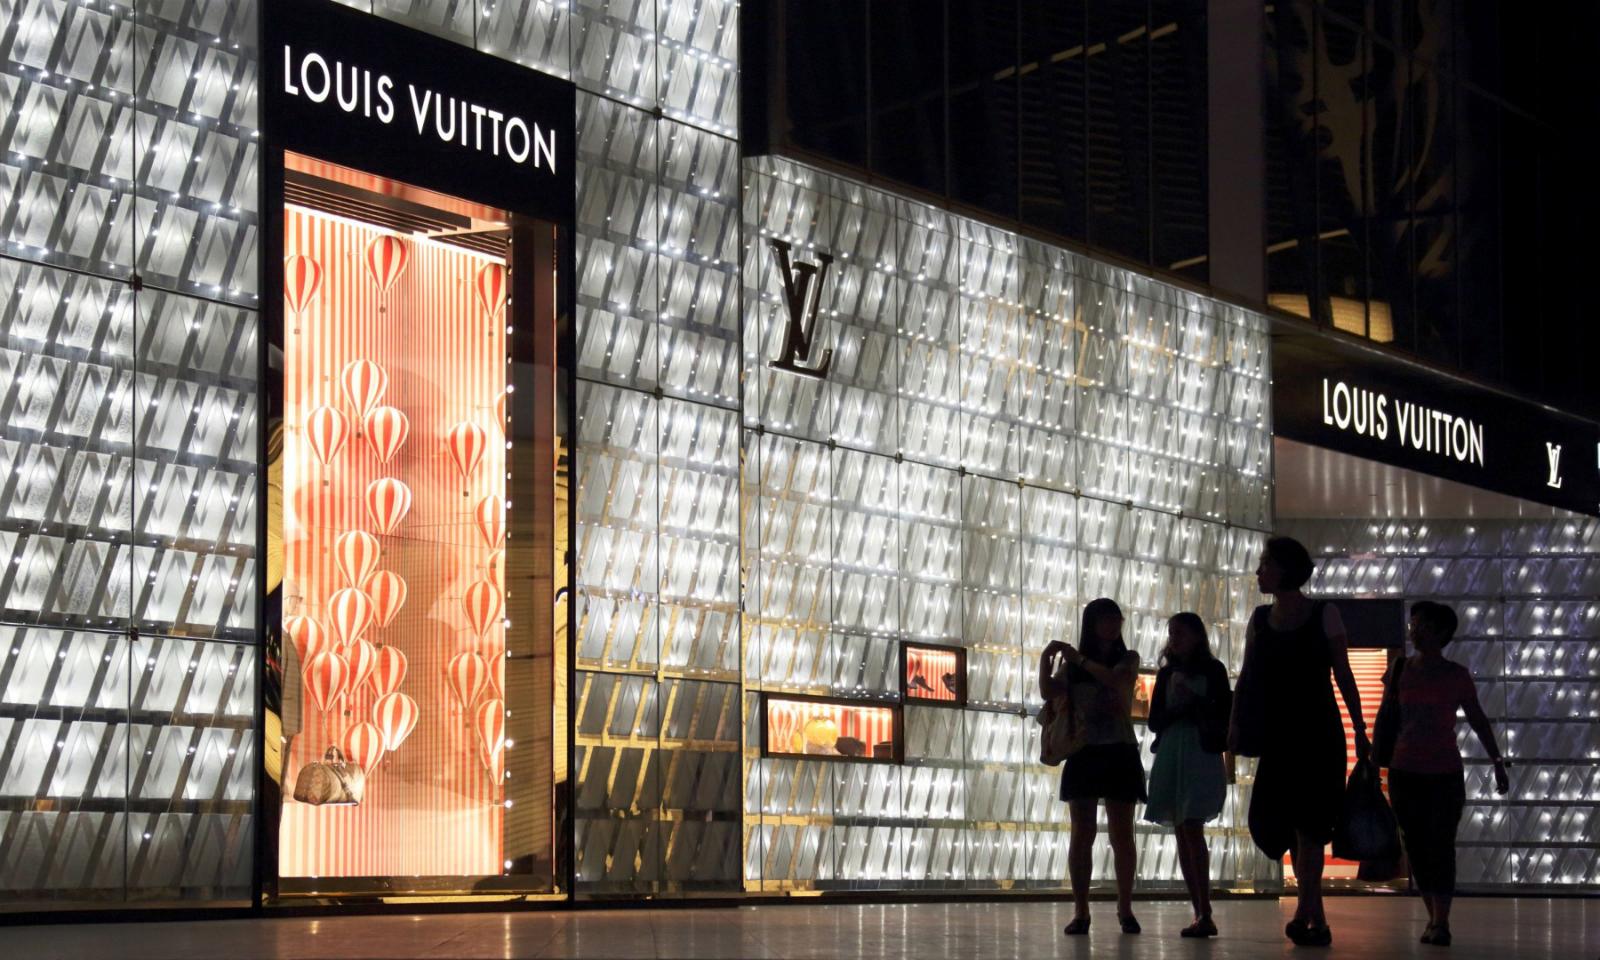 Louis Vuitton 与 Chanel 分别上调品牌产品售价